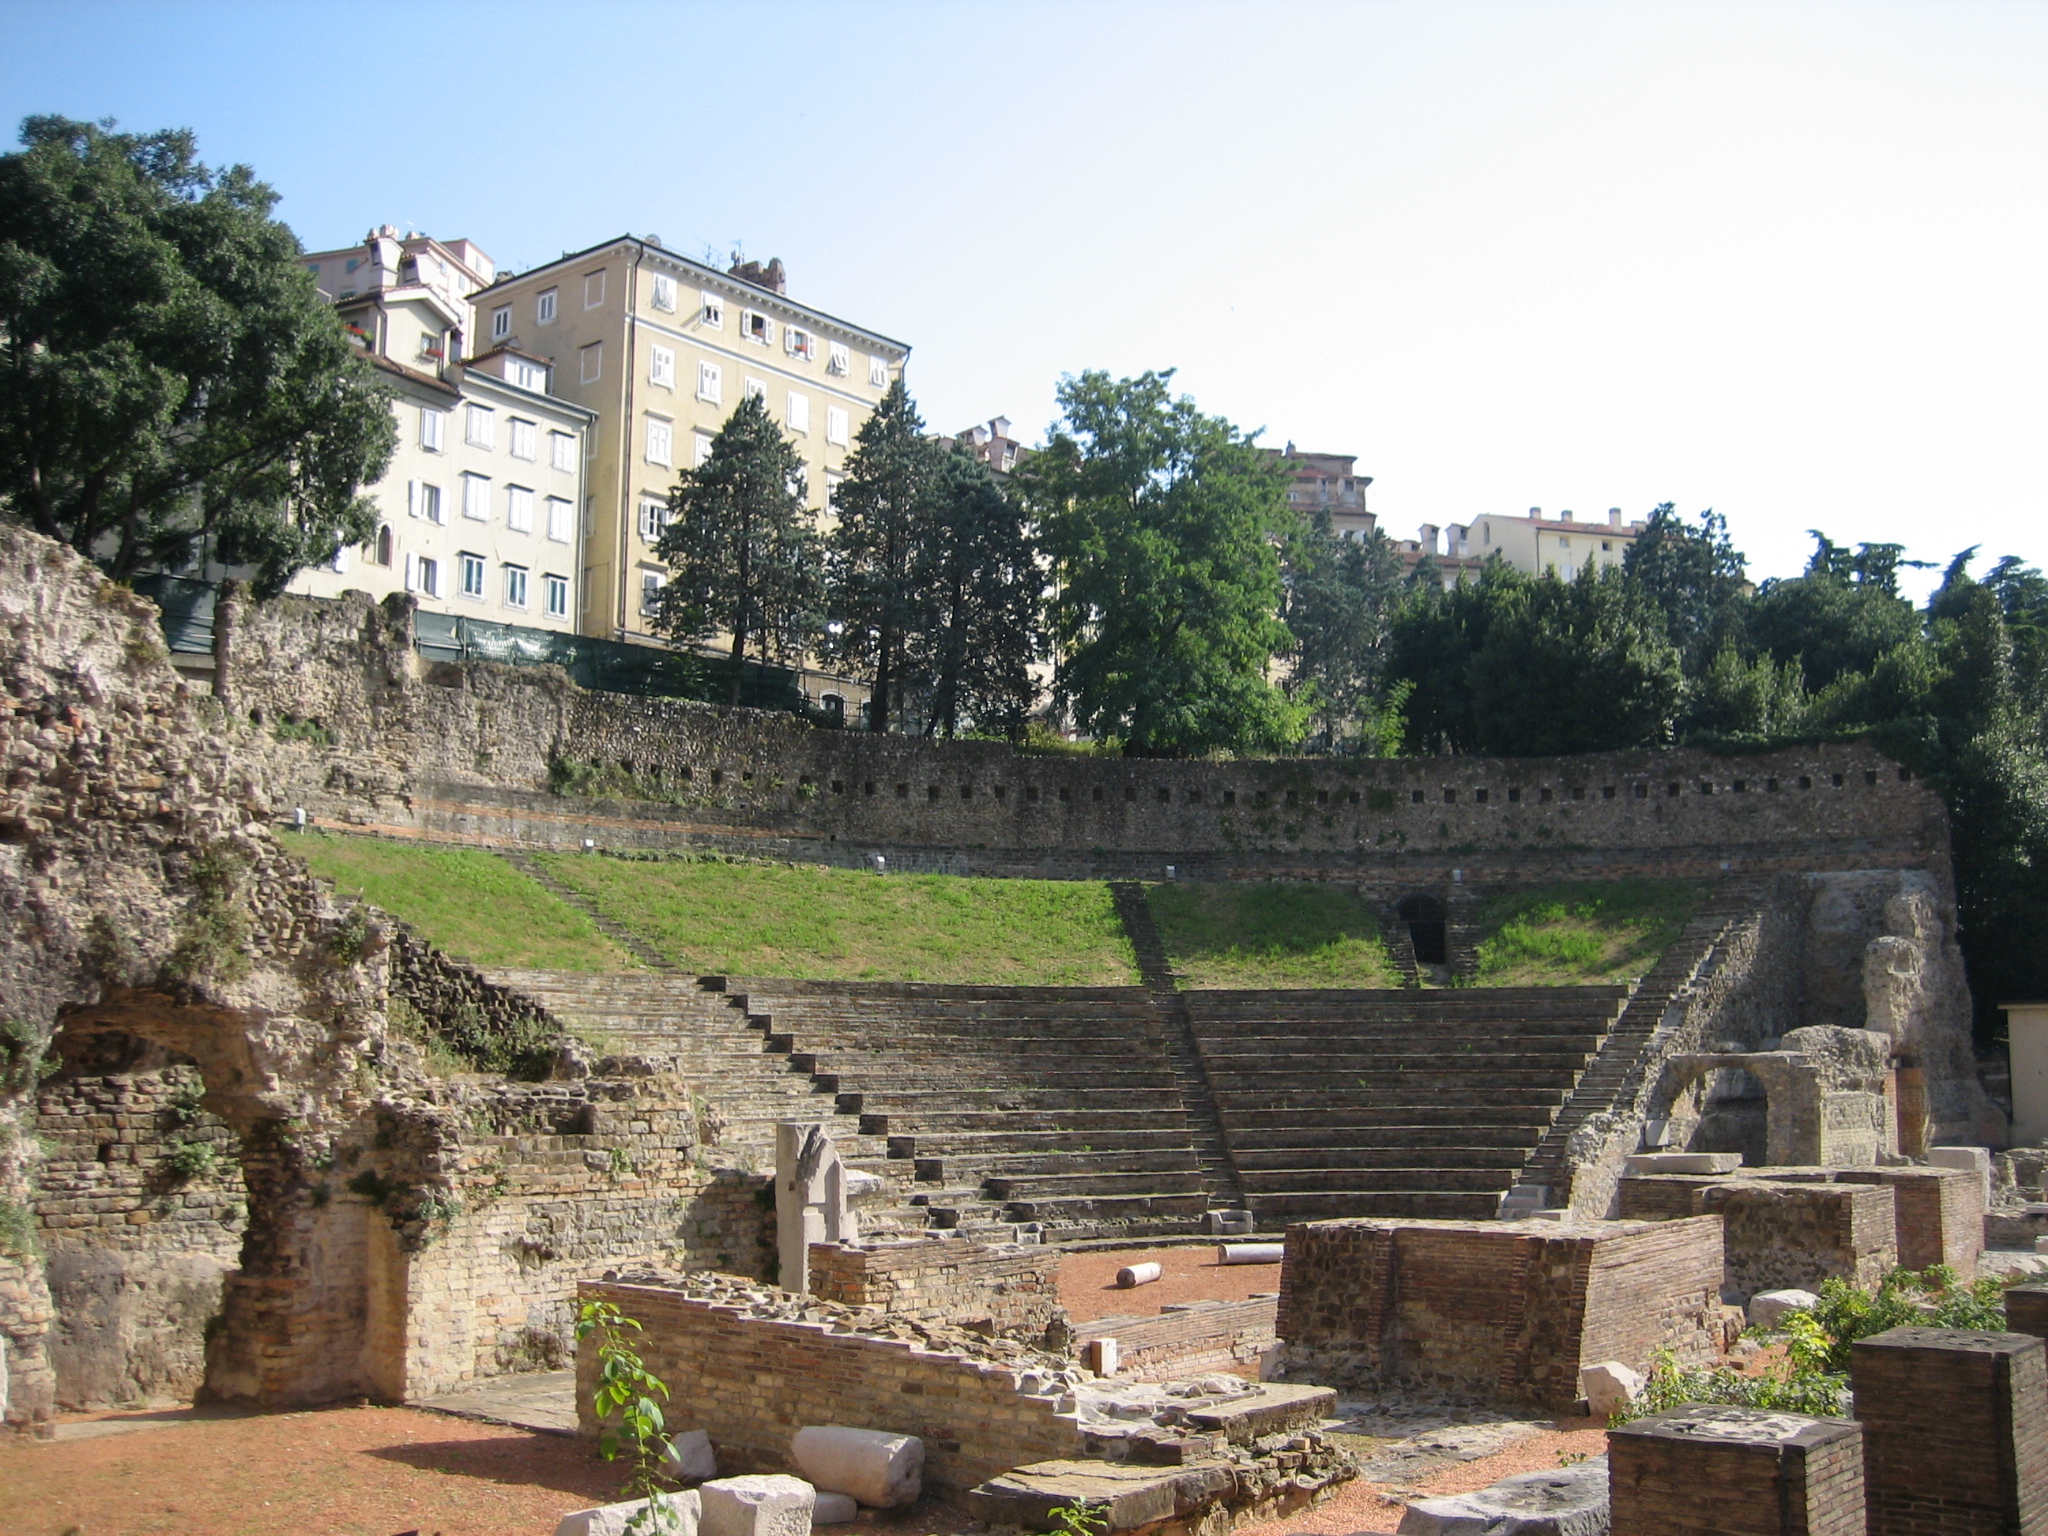 File:Teatro Romano di Trieste 2.jpg - Wikimedia Commons